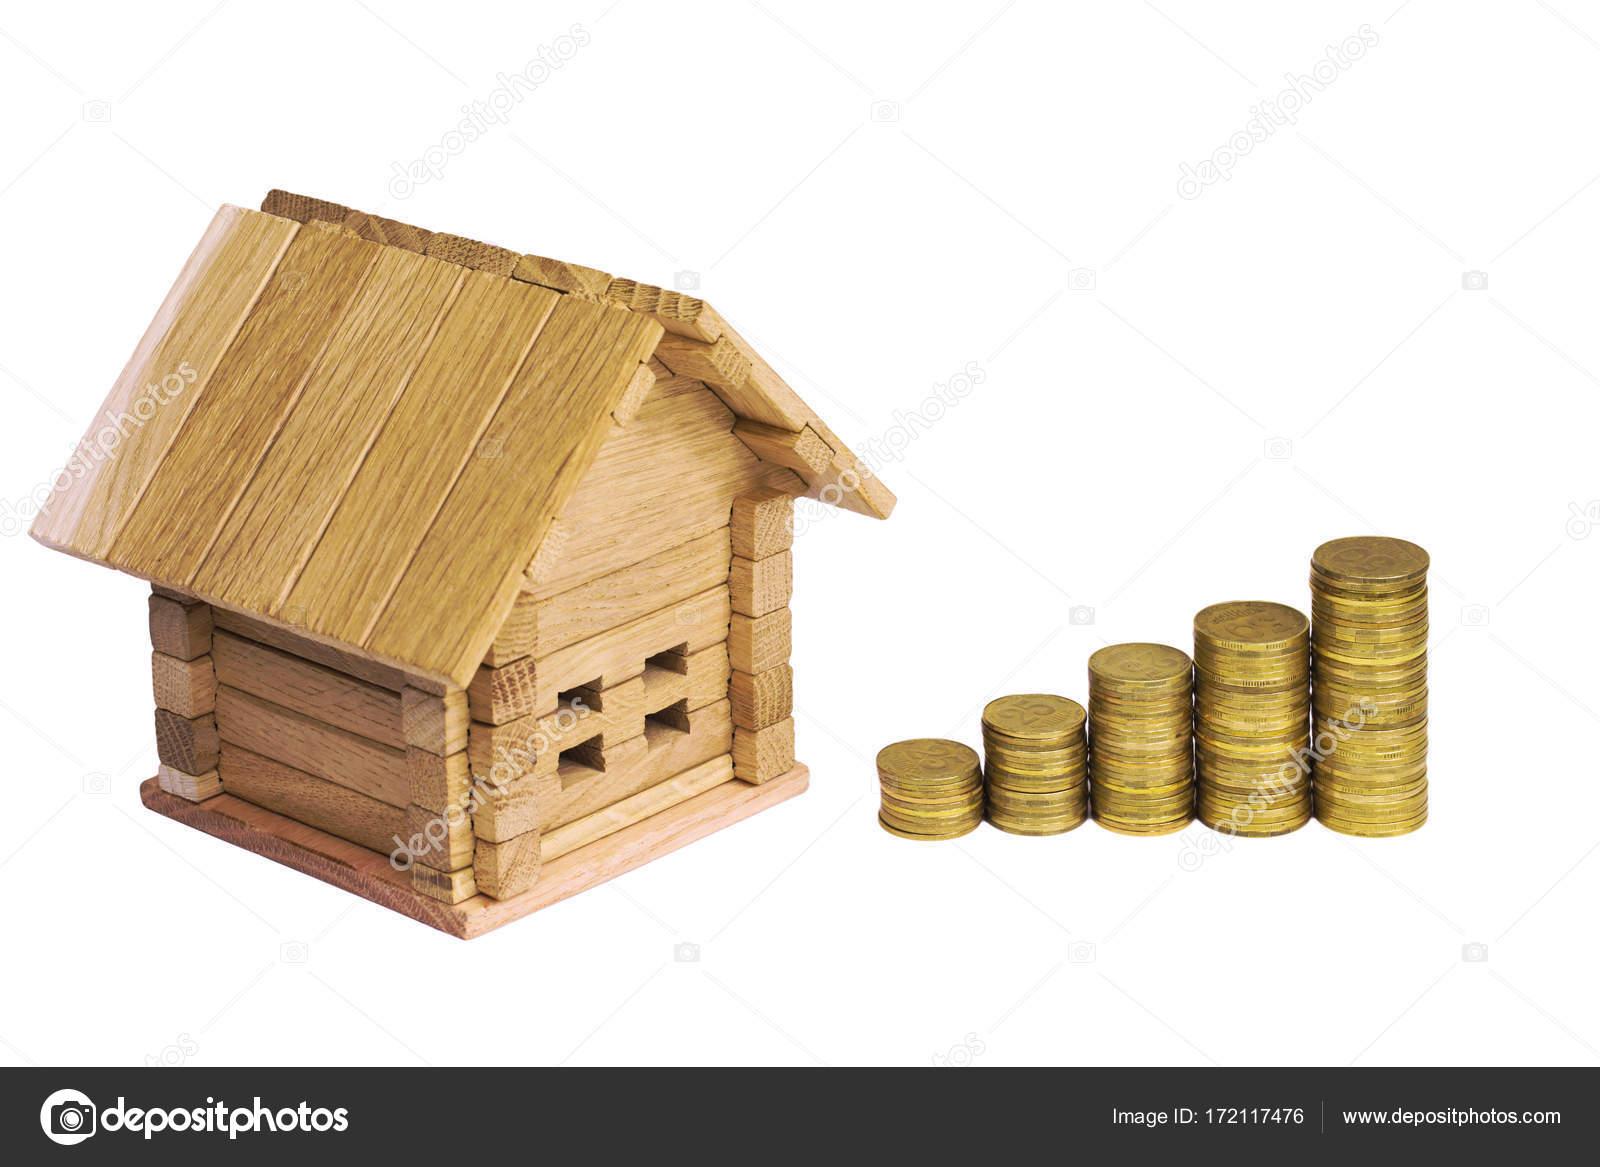 бумажно-кредитные деньги выполняют функции